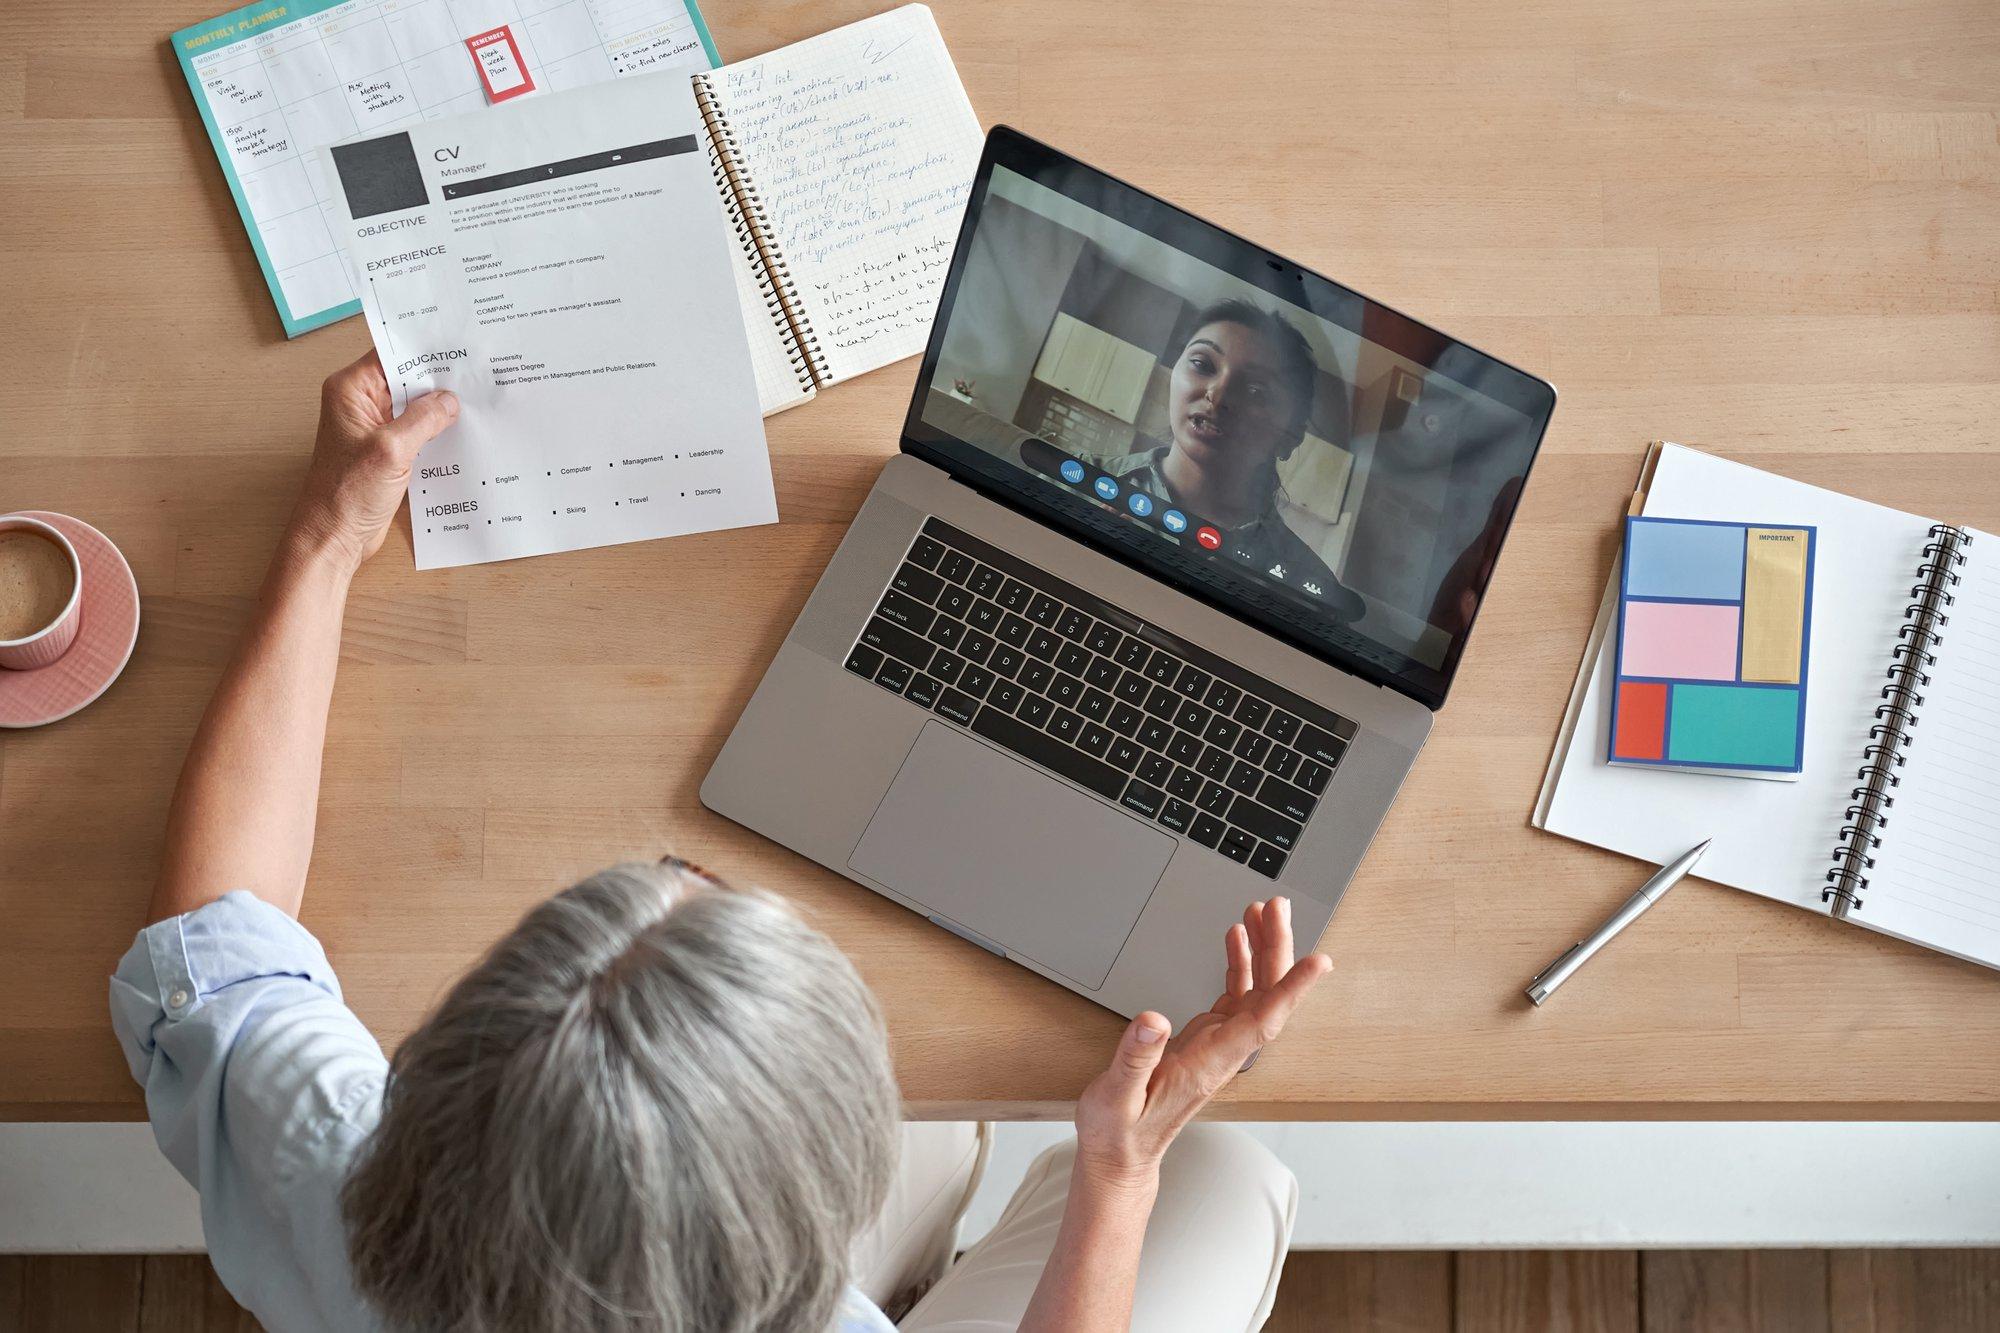 Recrutement par le biais d'entretiens vidéo : plus d'avantages que d'inconvénients